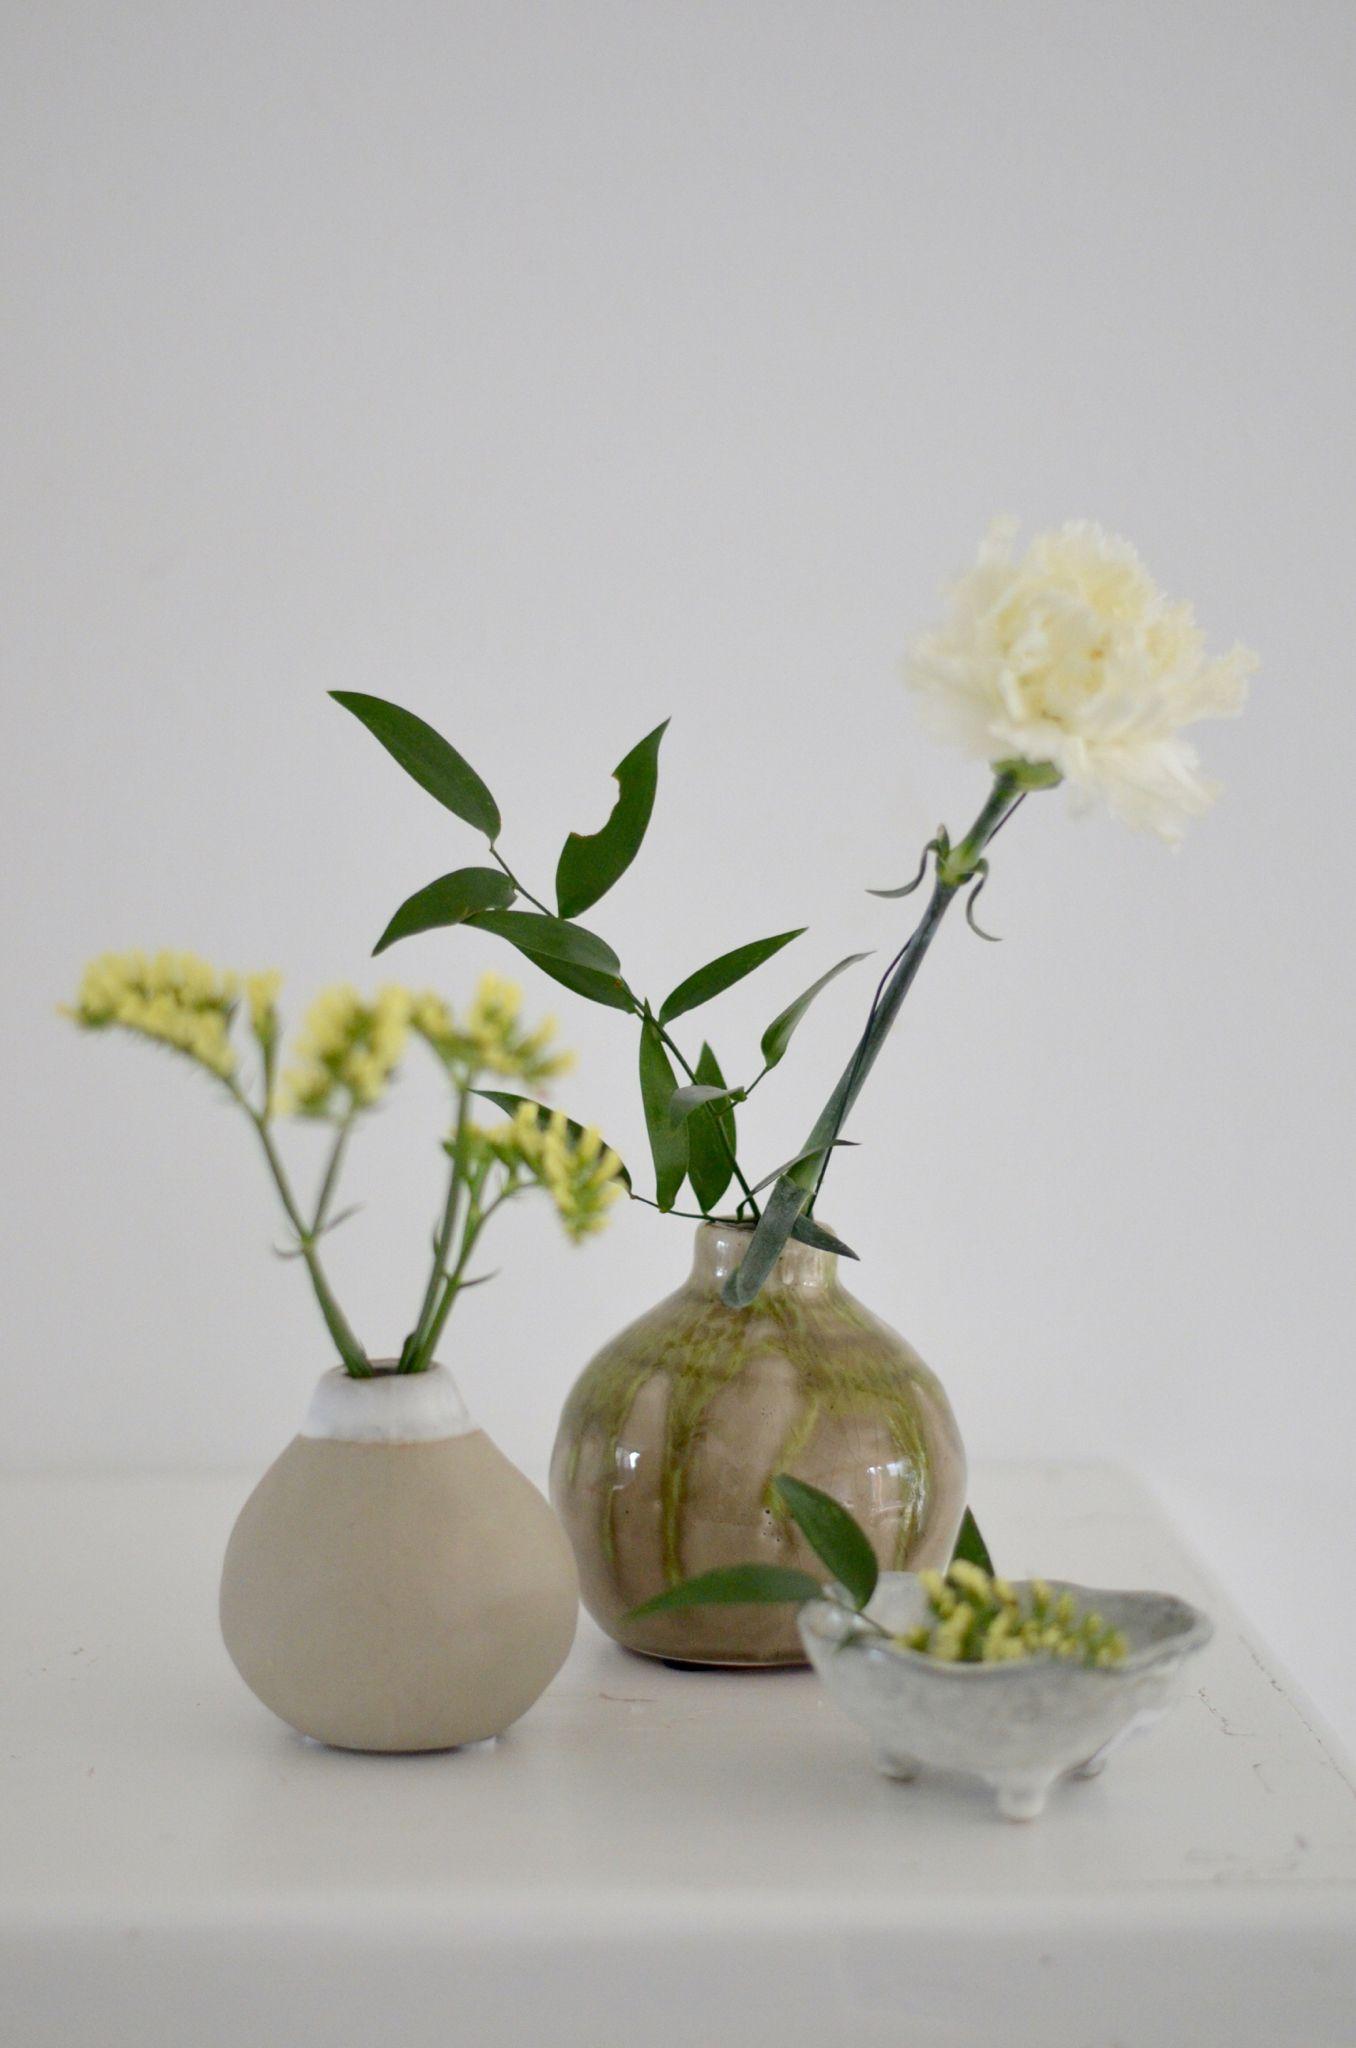 Hübsche Vasen für Blumen aus dem Garten #aumaison